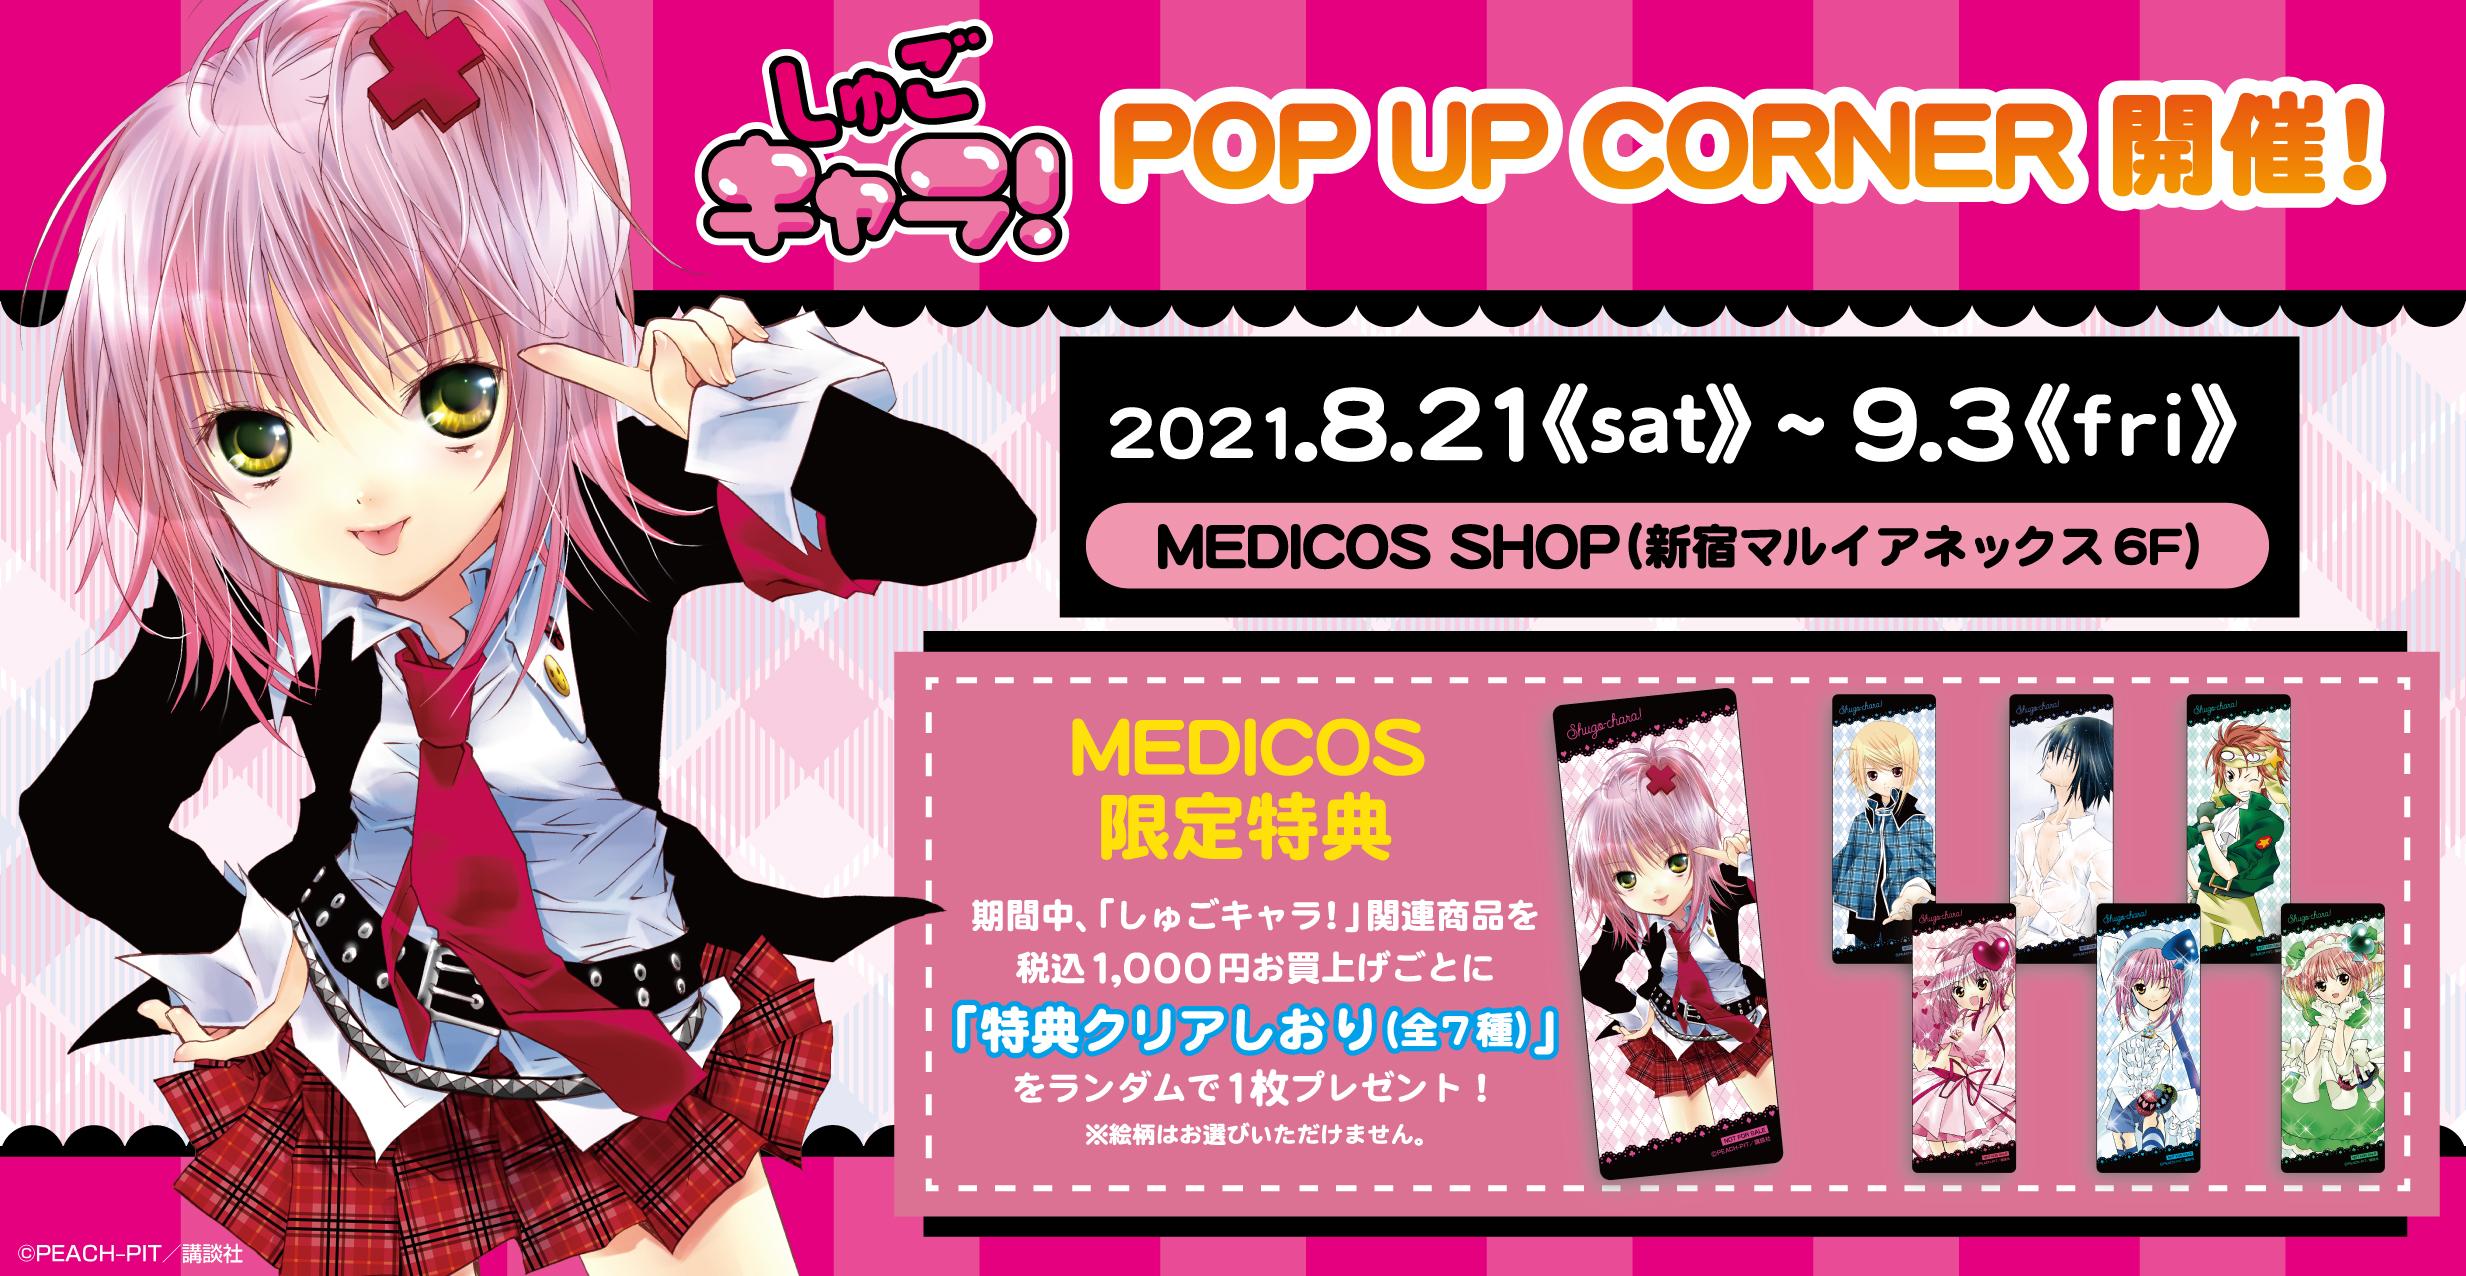 「しゅごキャラ!」新宿POP UP開催決定!事後通販にも特典がつくよ